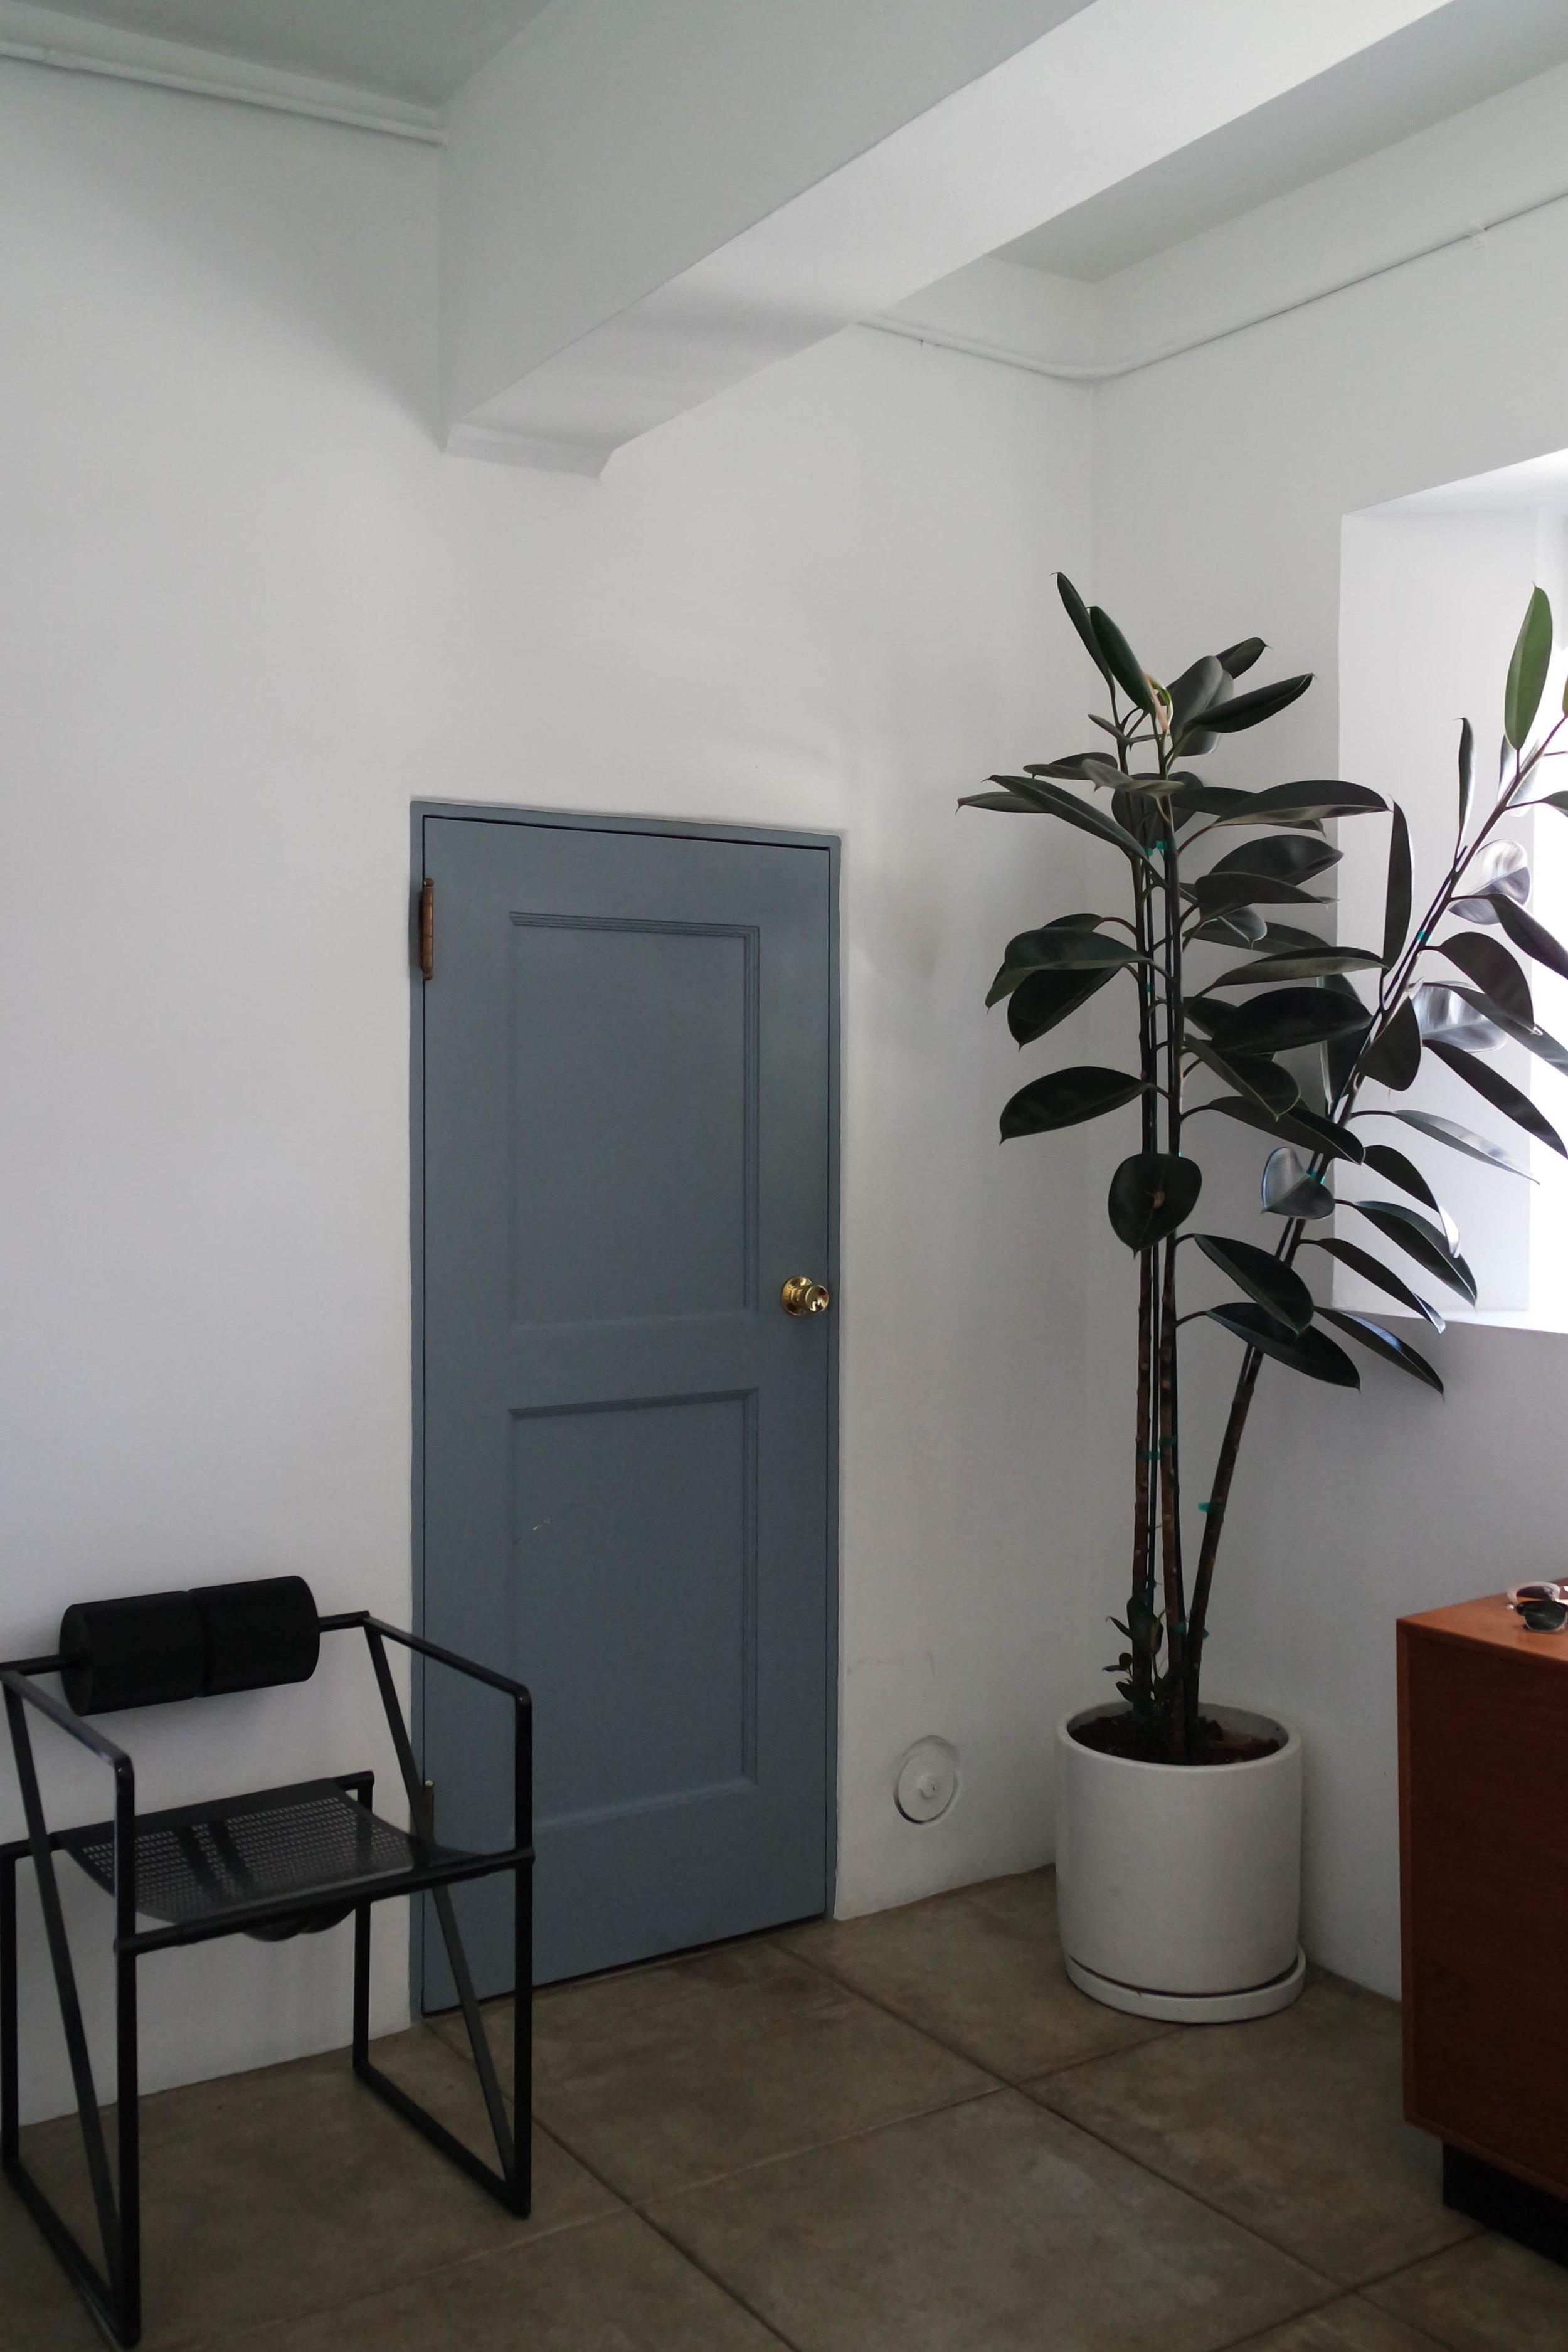 AirbnbInterior-1-of-1.jpg